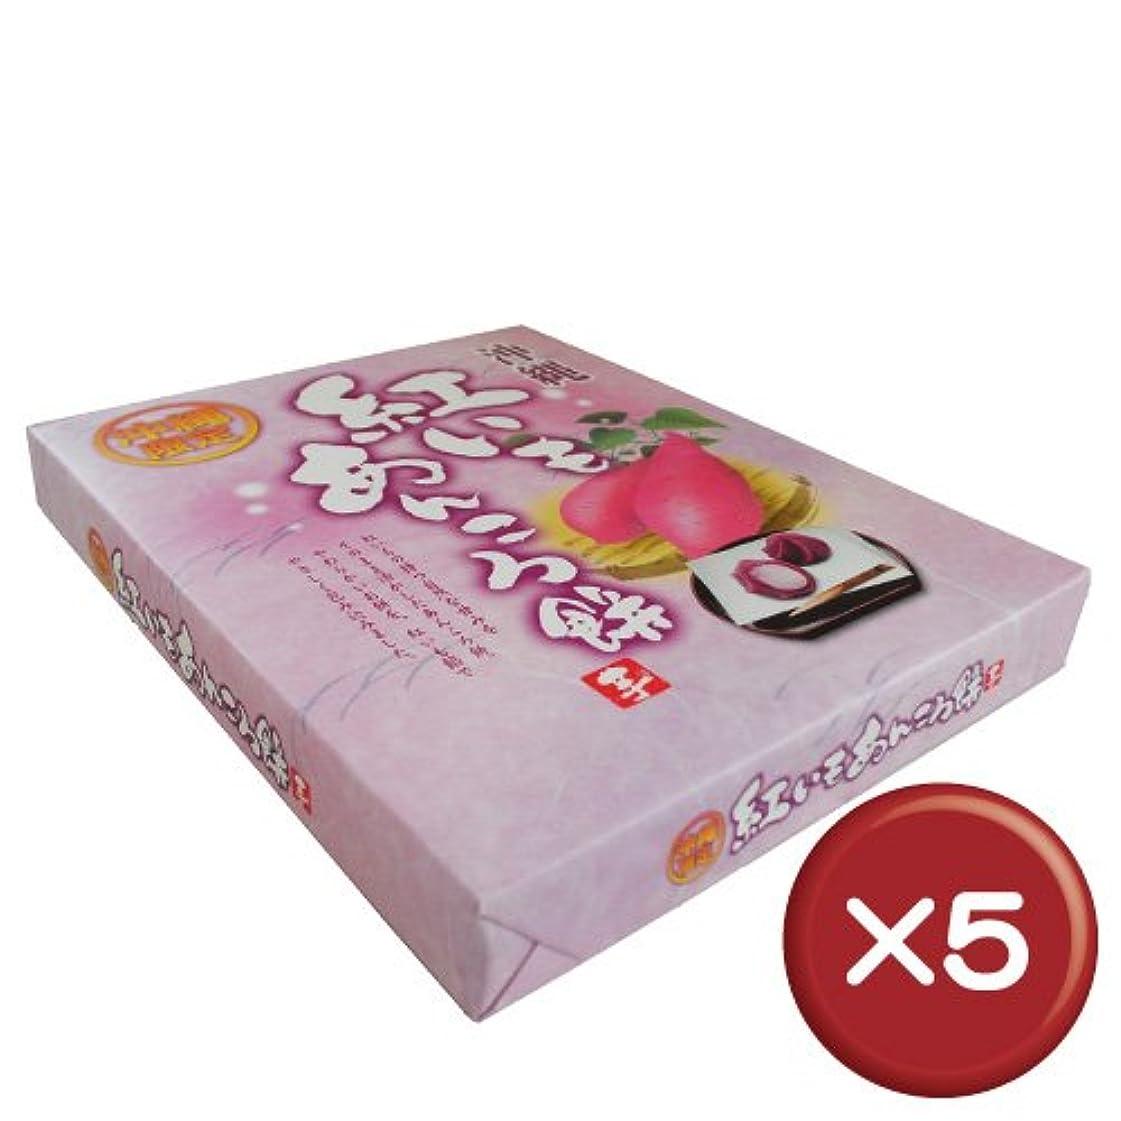 疼痛財布モック紅芋あんころ餅(大) 20個入 5箱セット